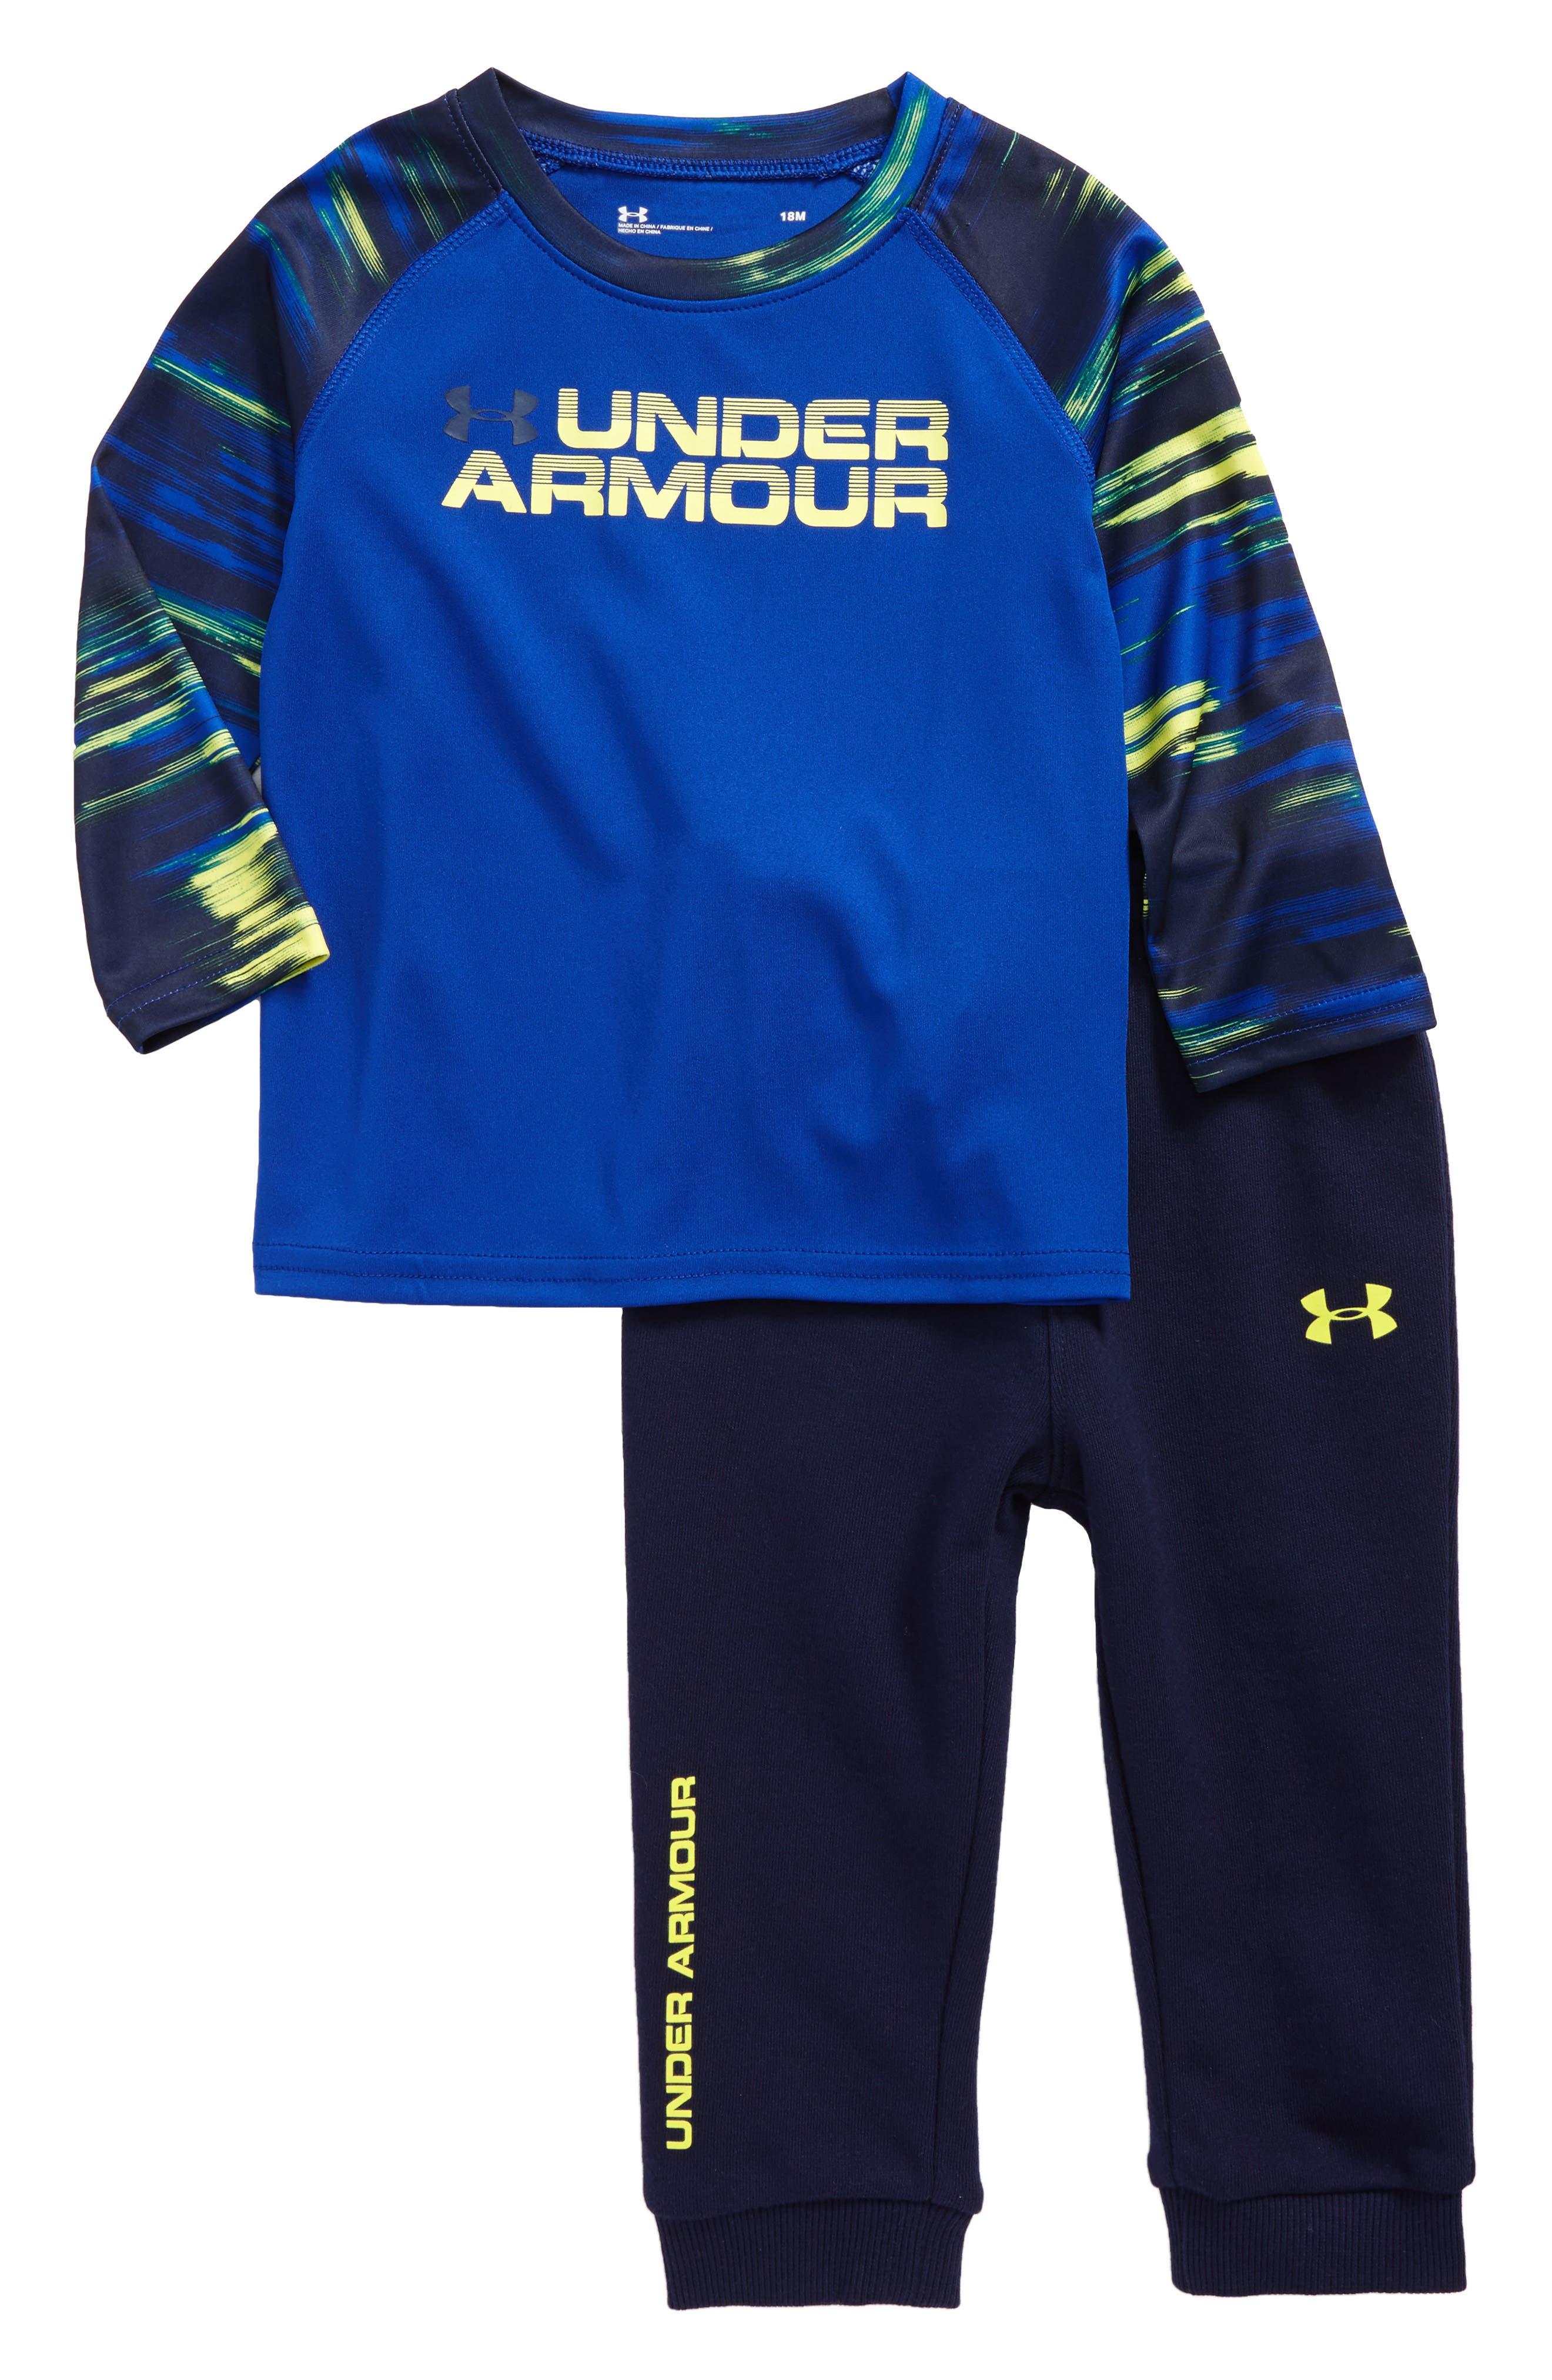 UNDER ARMOUR,                             Accelerate T-Shirt & Sweatpants Set,                             Main thumbnail 1, color,                             450